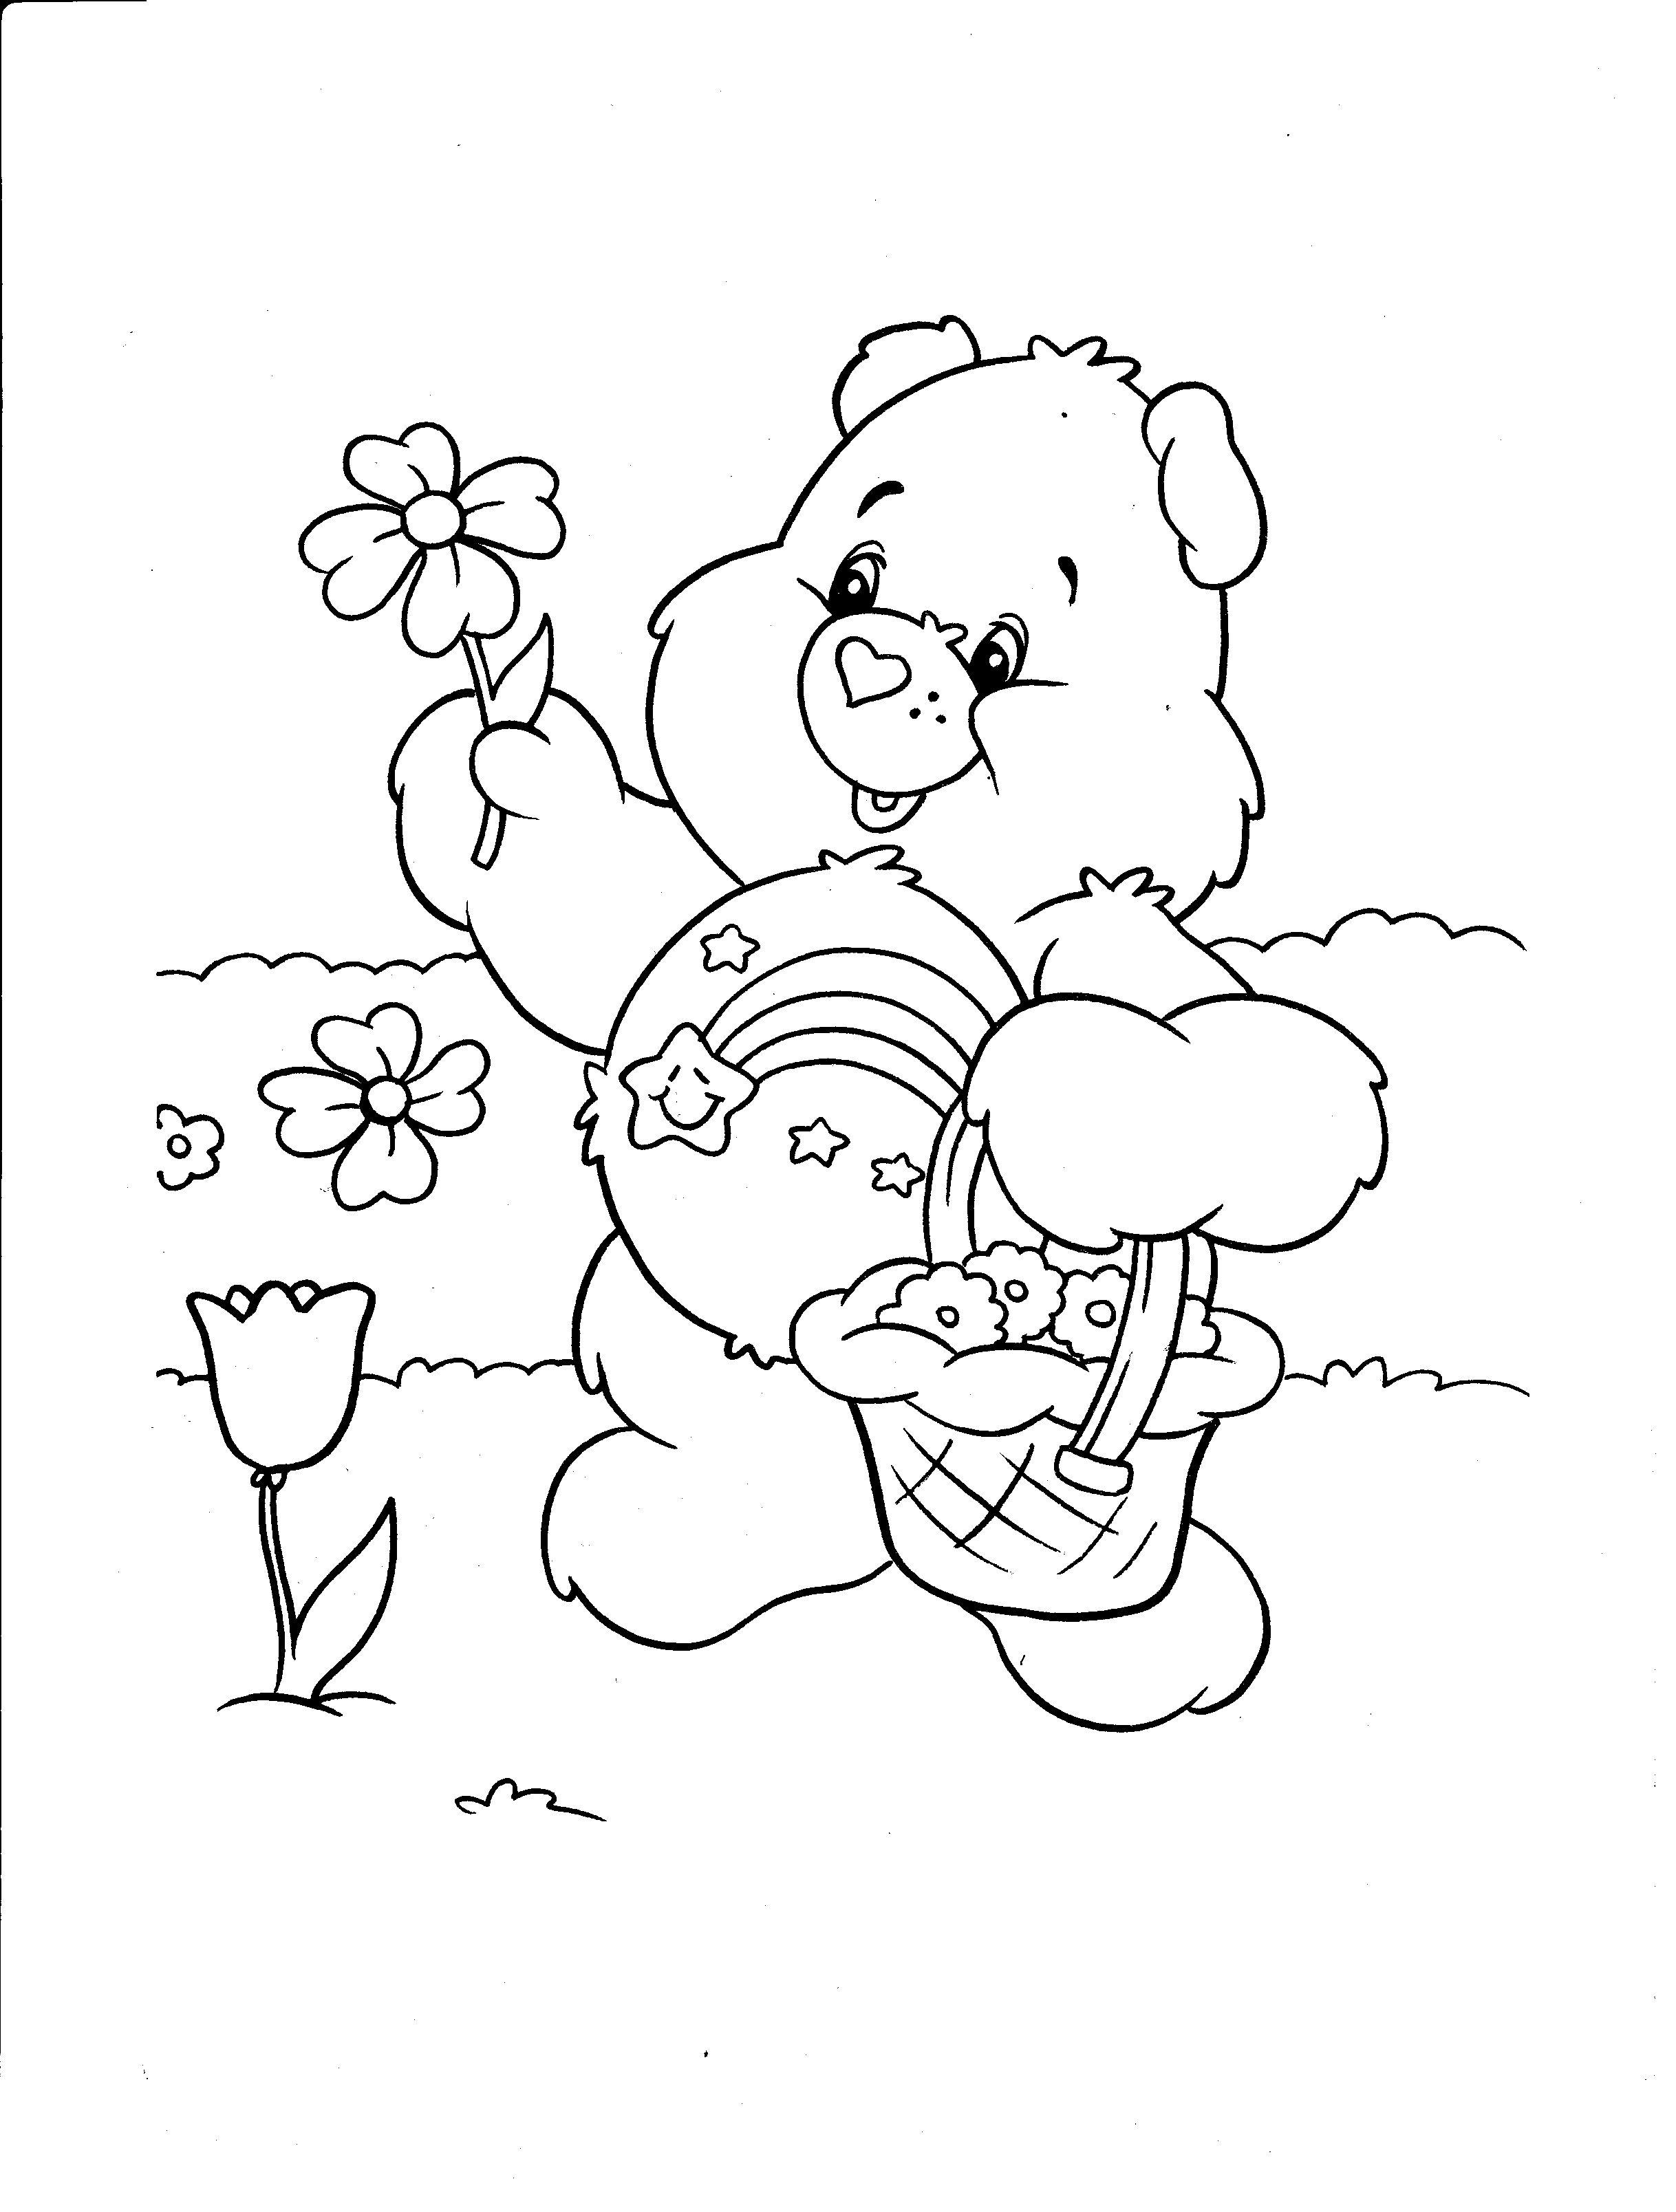 Troetelbeertjes079 20100508 1202145151 Jpg 2436 3216 Carrinho Desenho Imprimir Desenhos Para Colorir Desenhos Infantis Para Pintar